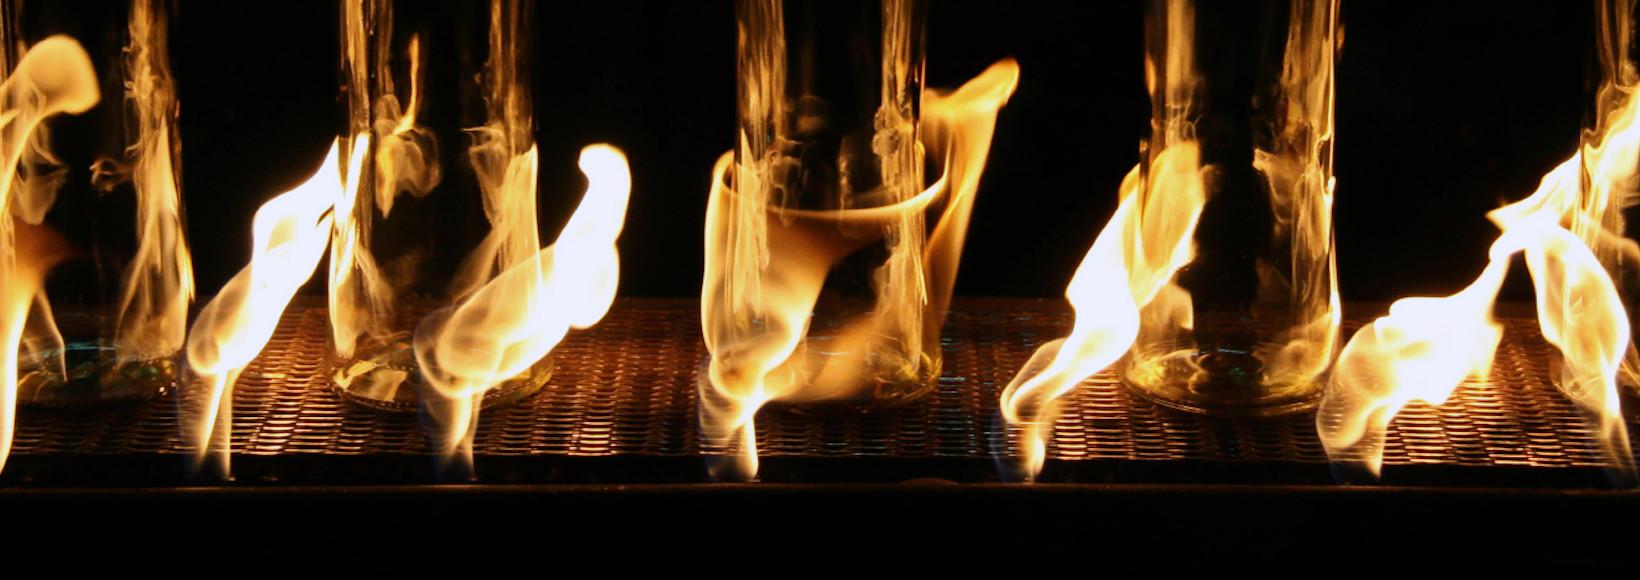 Flammable Hydrogen Selenide